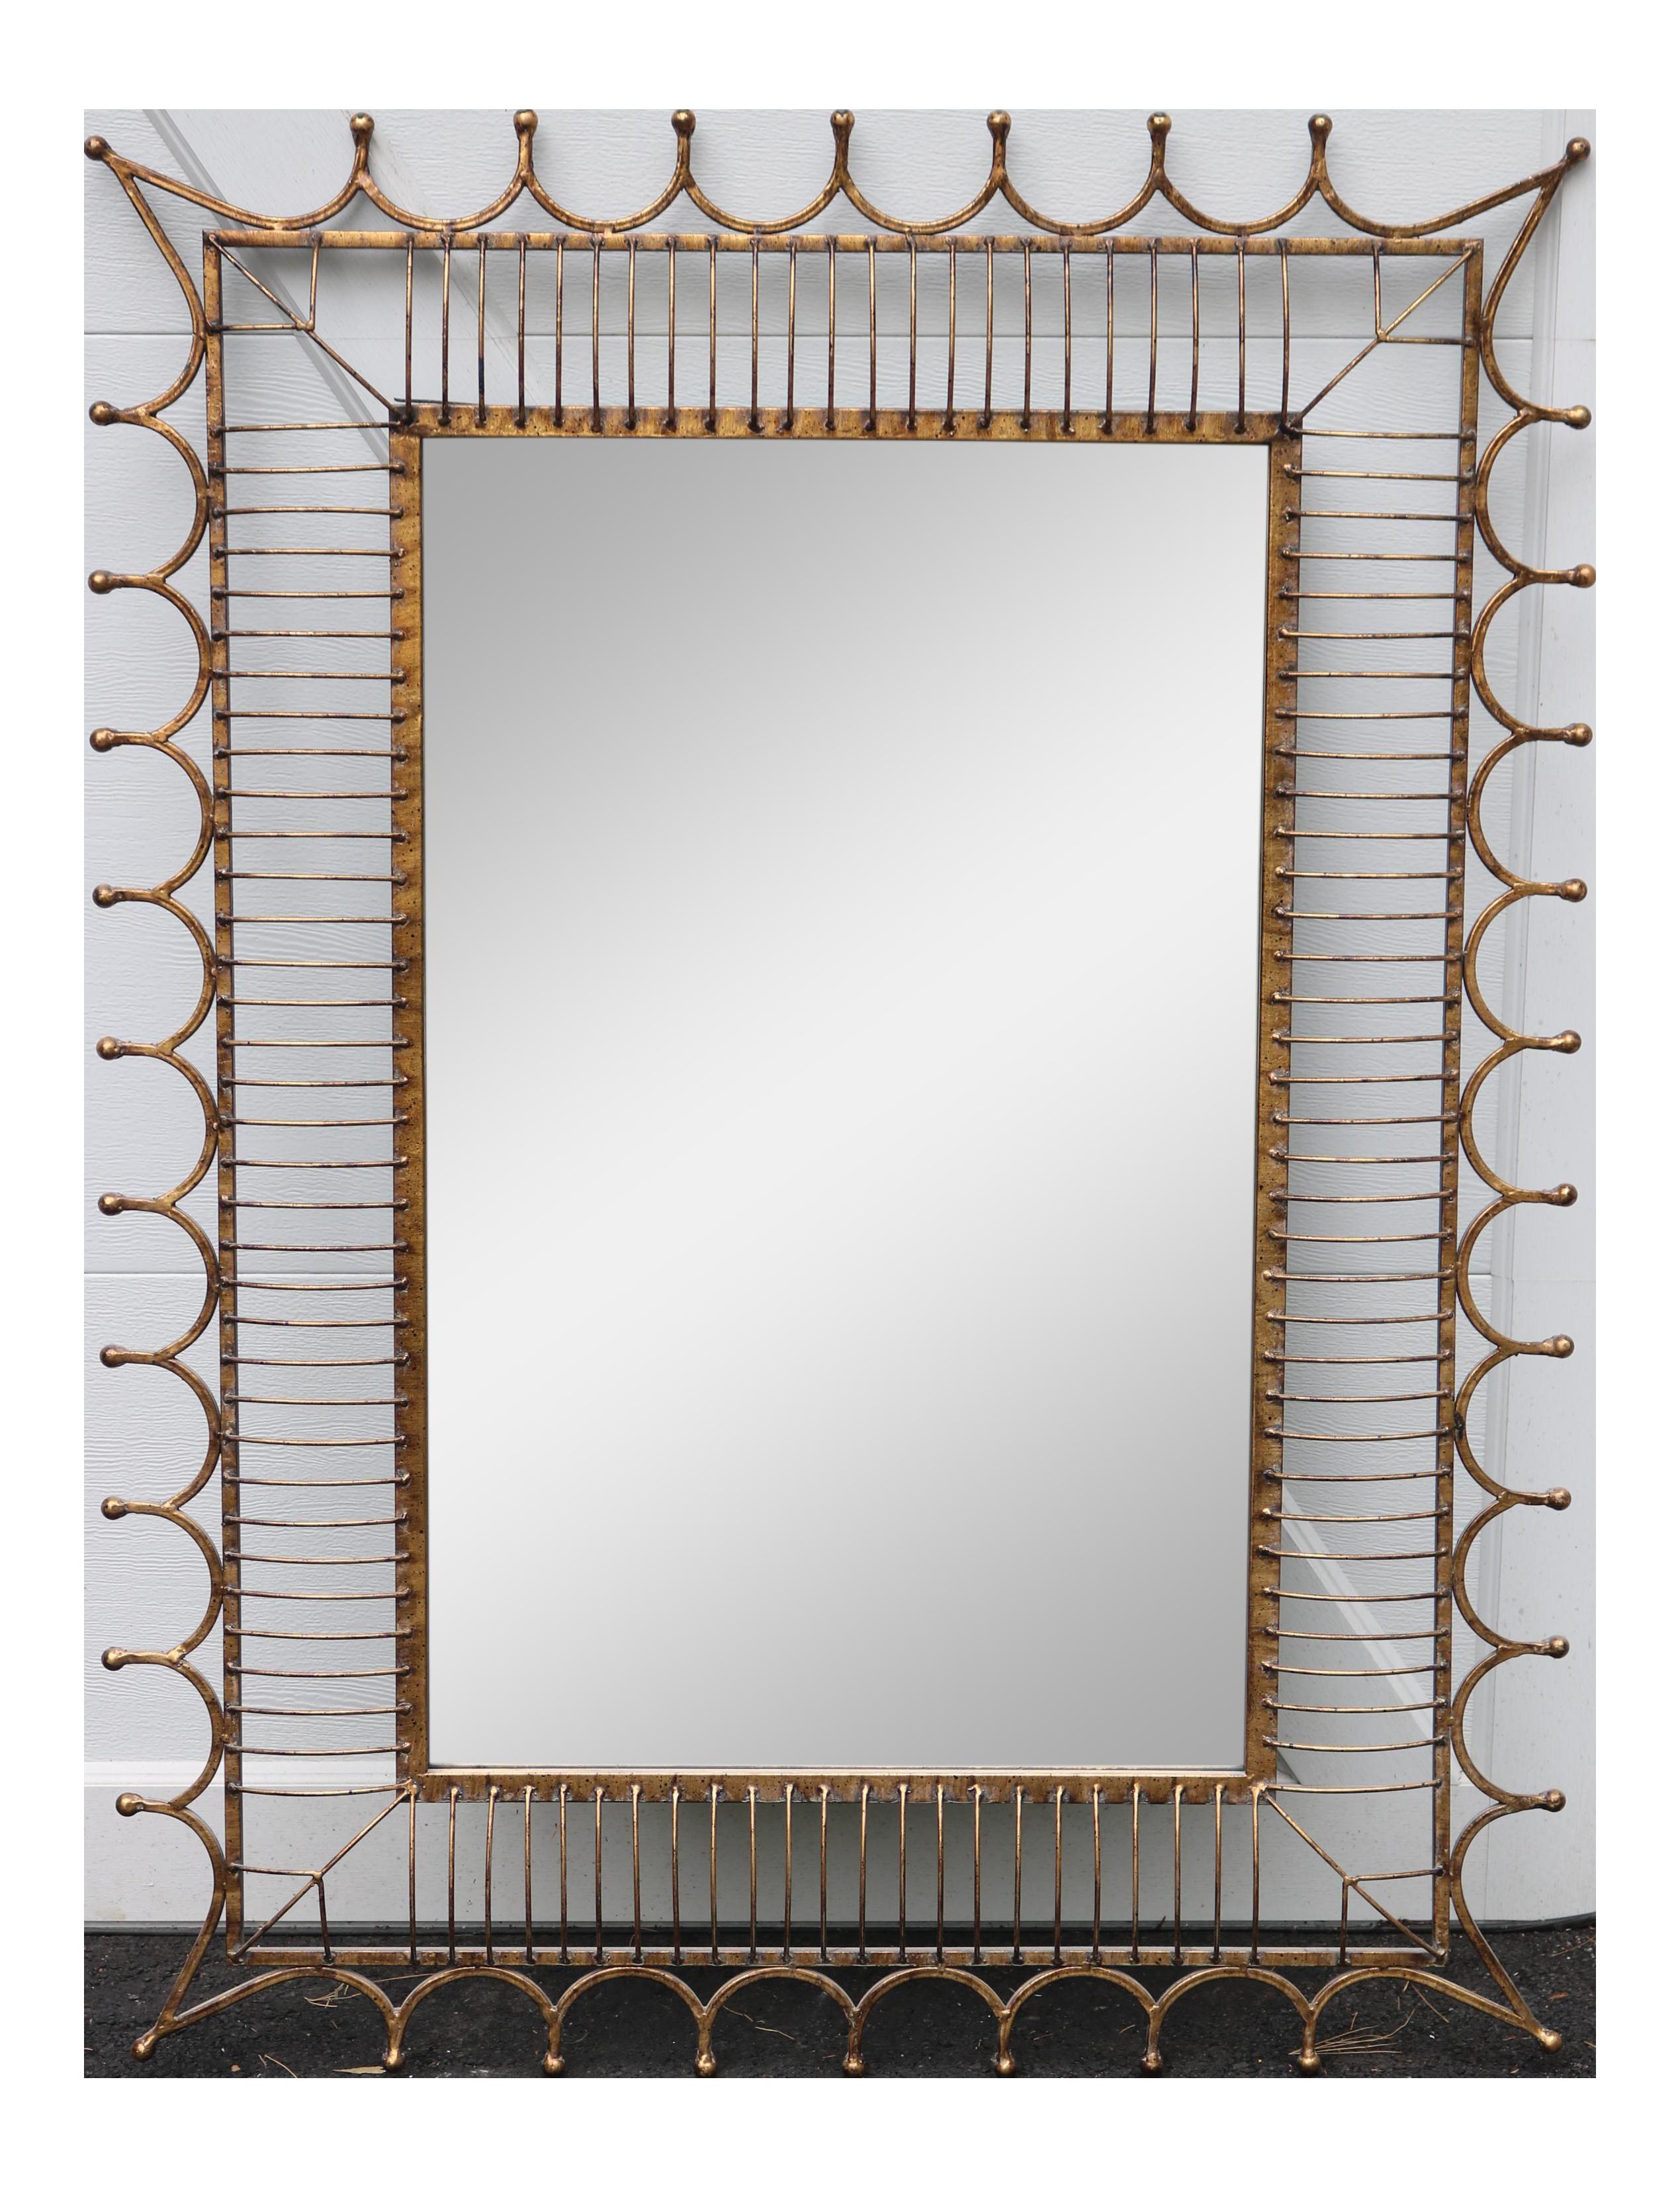 Mirror clipart rectangular mirror. Gold brass metal framed